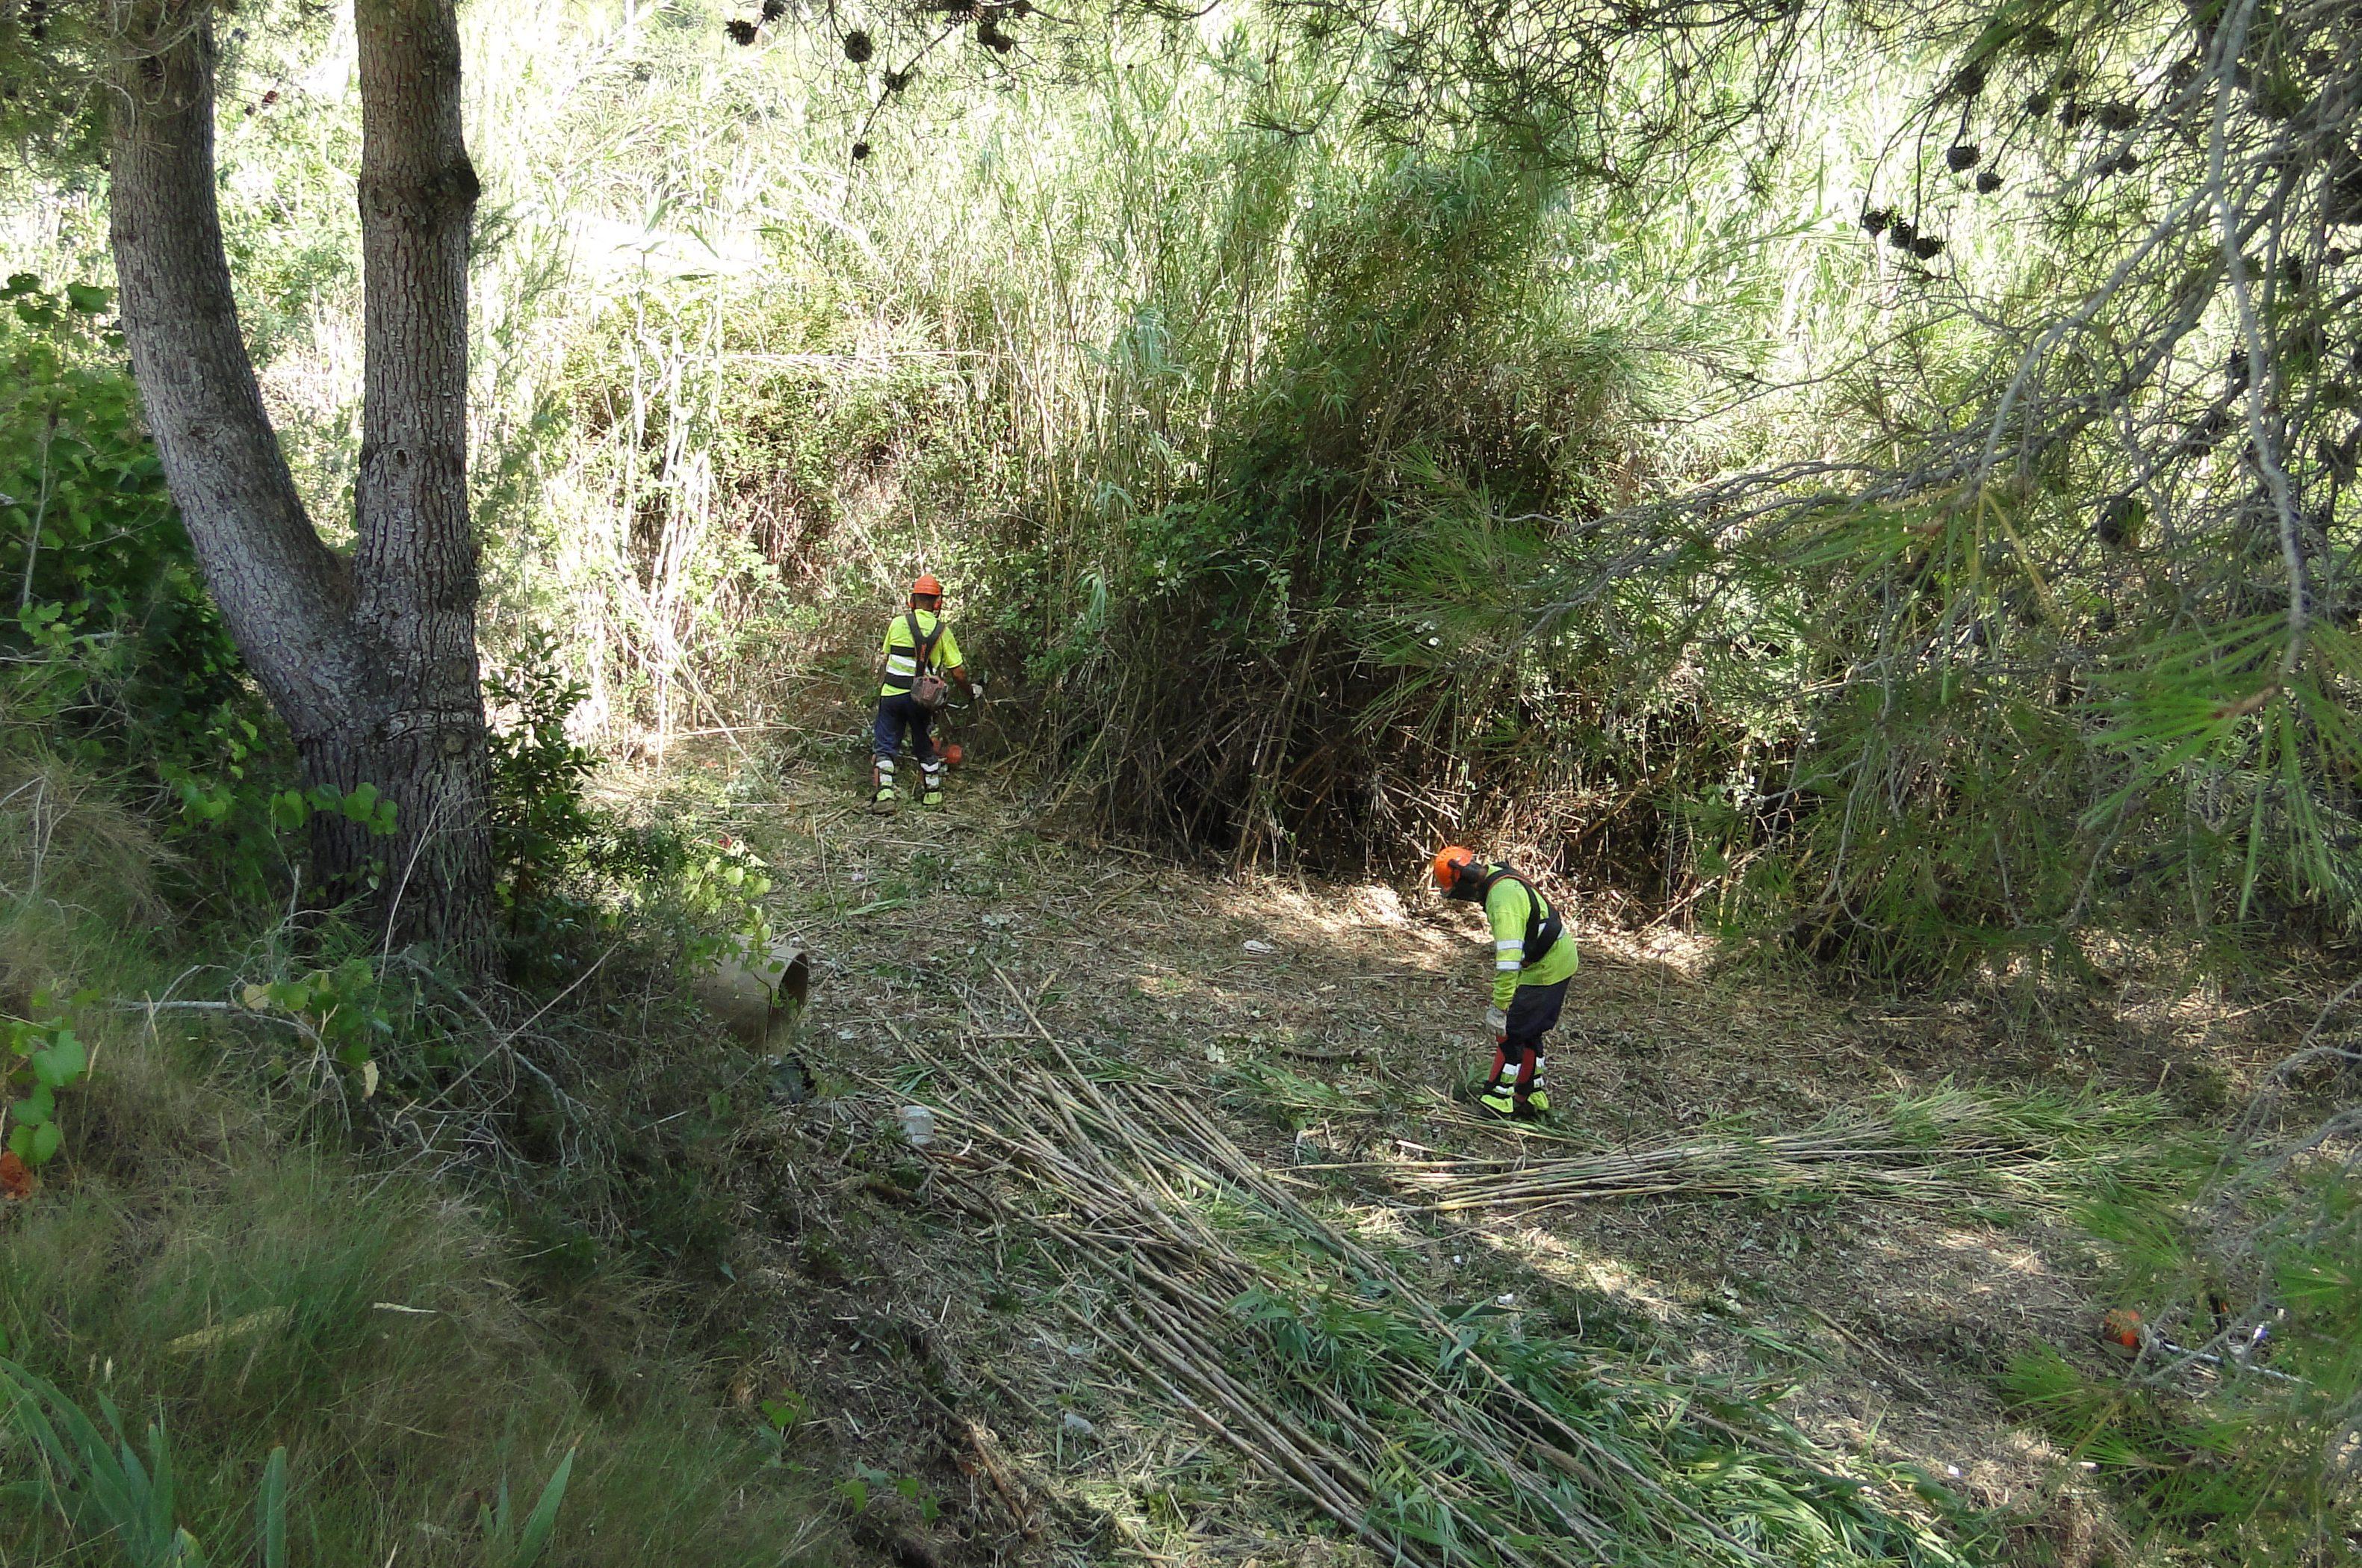 Cinc baixpenedesencs han començat a netejar diverses zones verdes de l'Esplai, Can Gordei i el Priorat en el marc d'un Pla d'ocupació de la Diputació de Tarragona